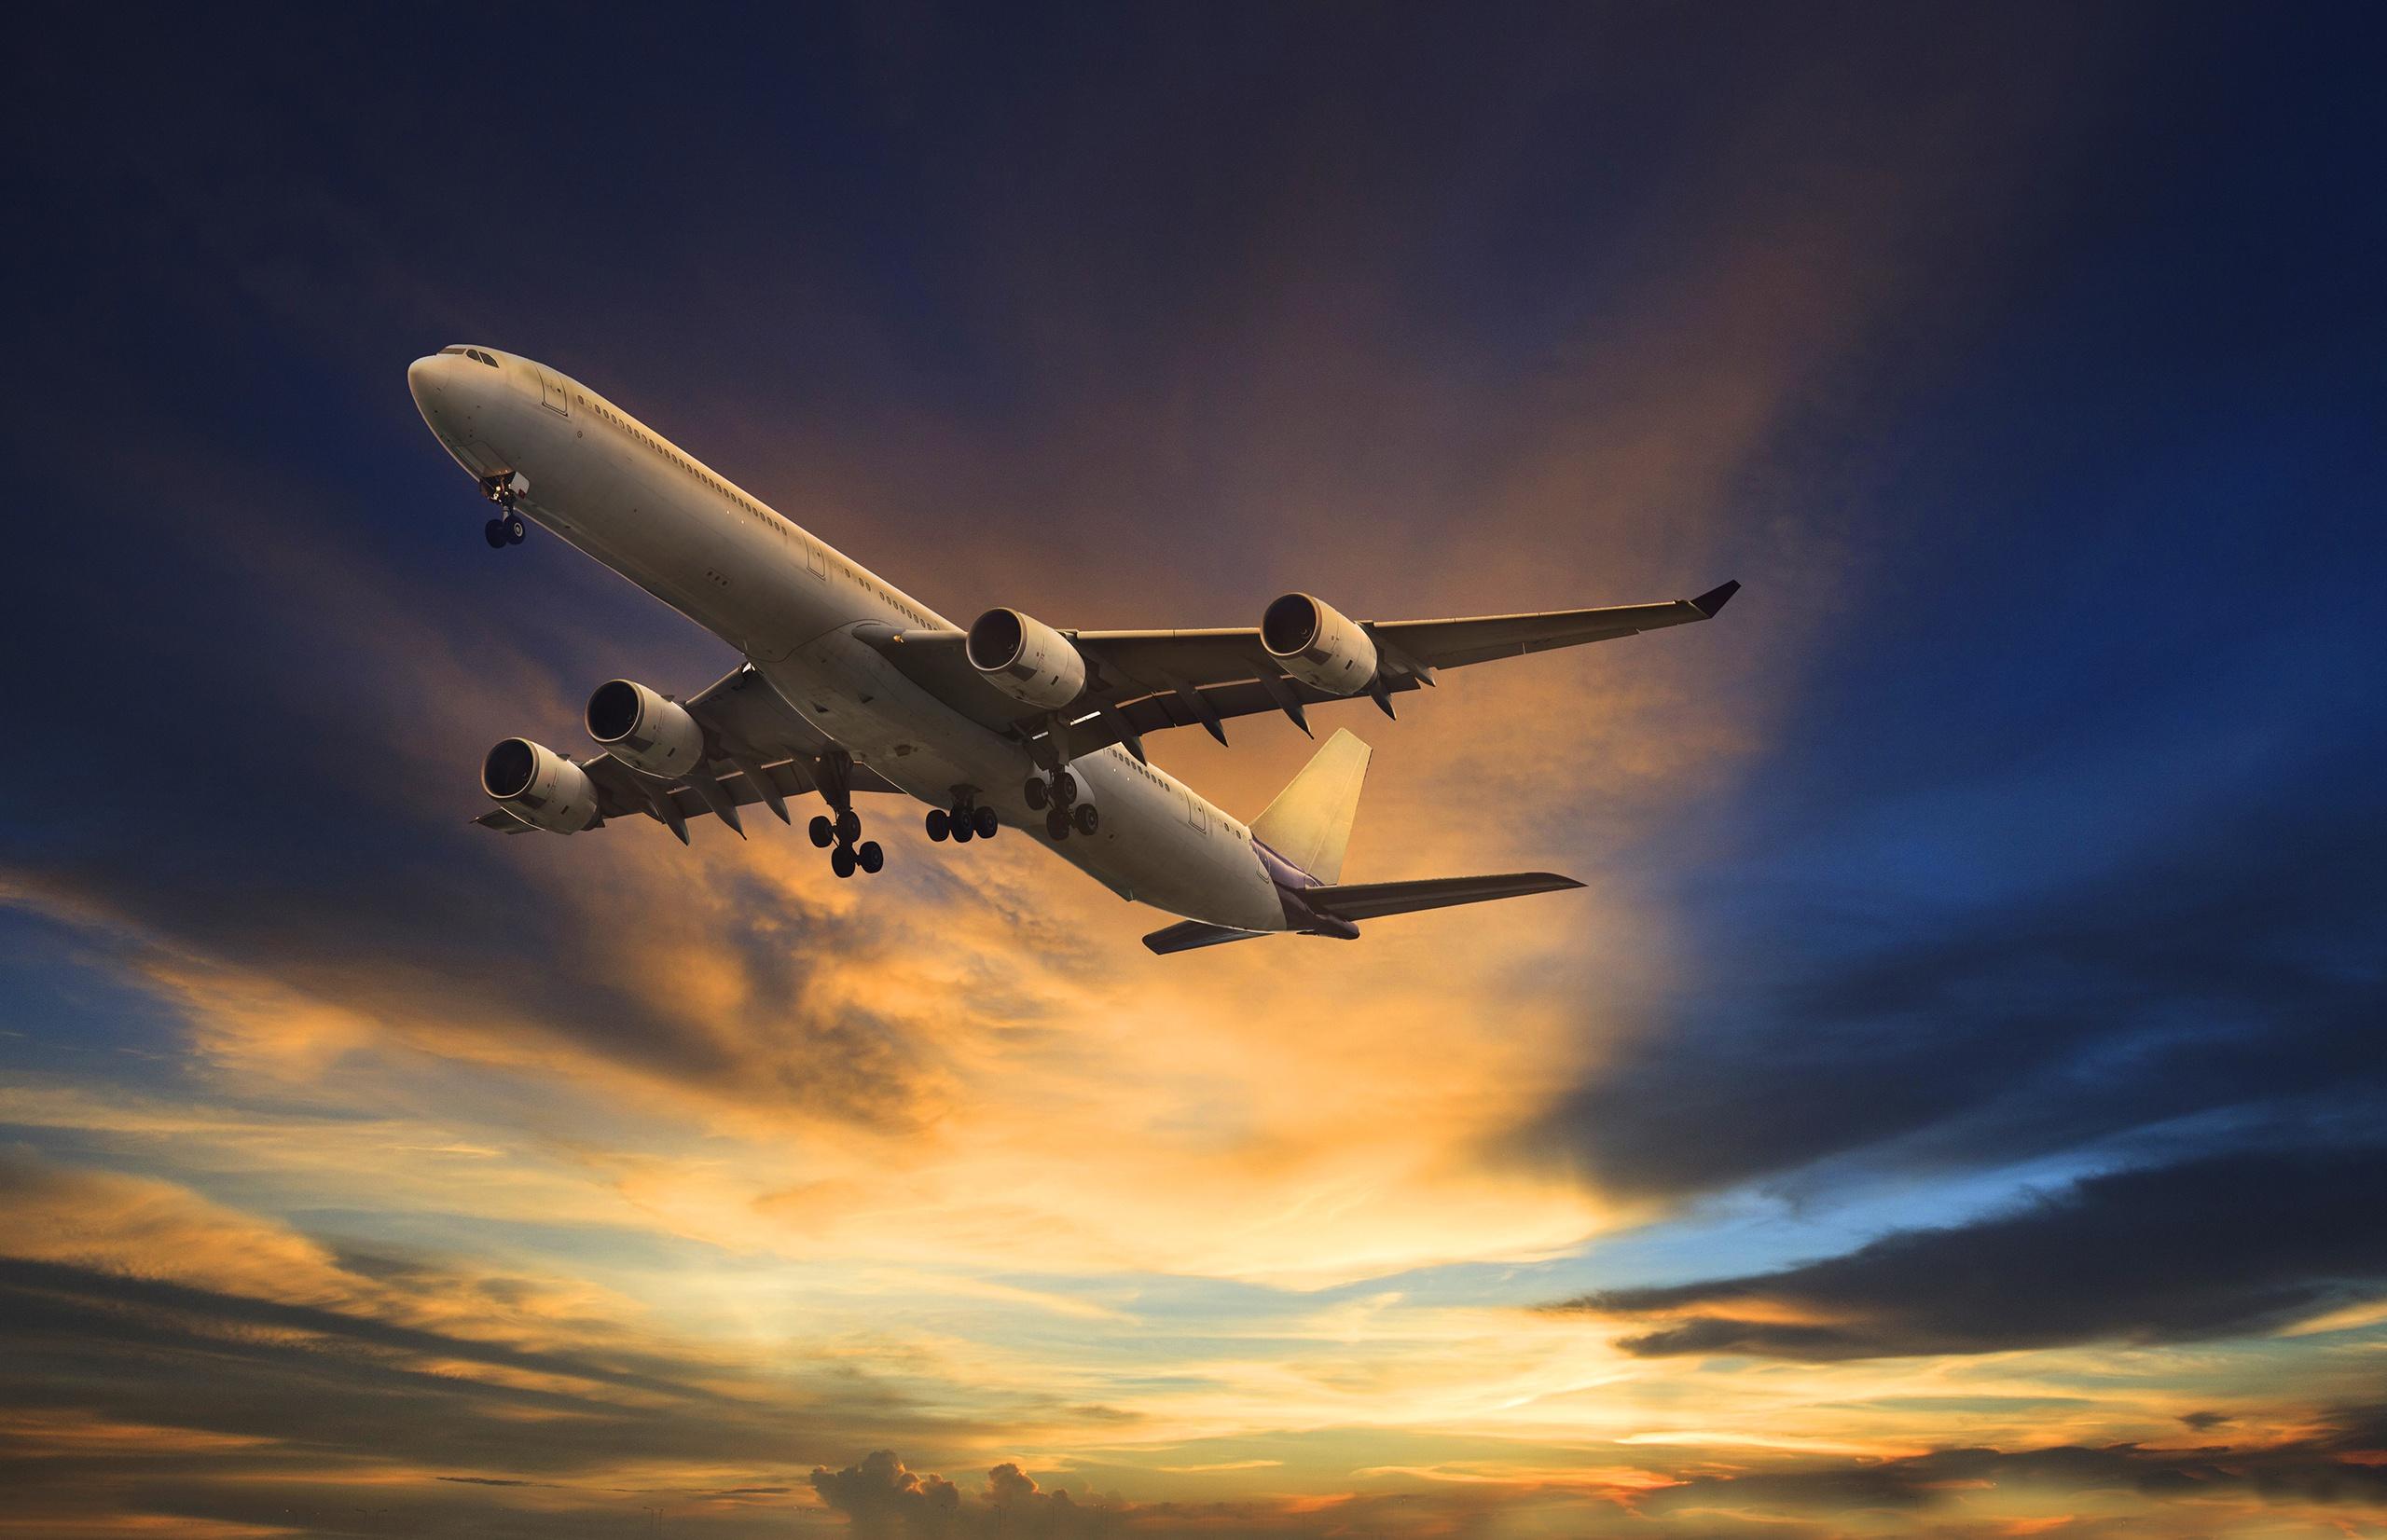 Небо. Самолет. Маска. Какими станут полеты после пандемии?